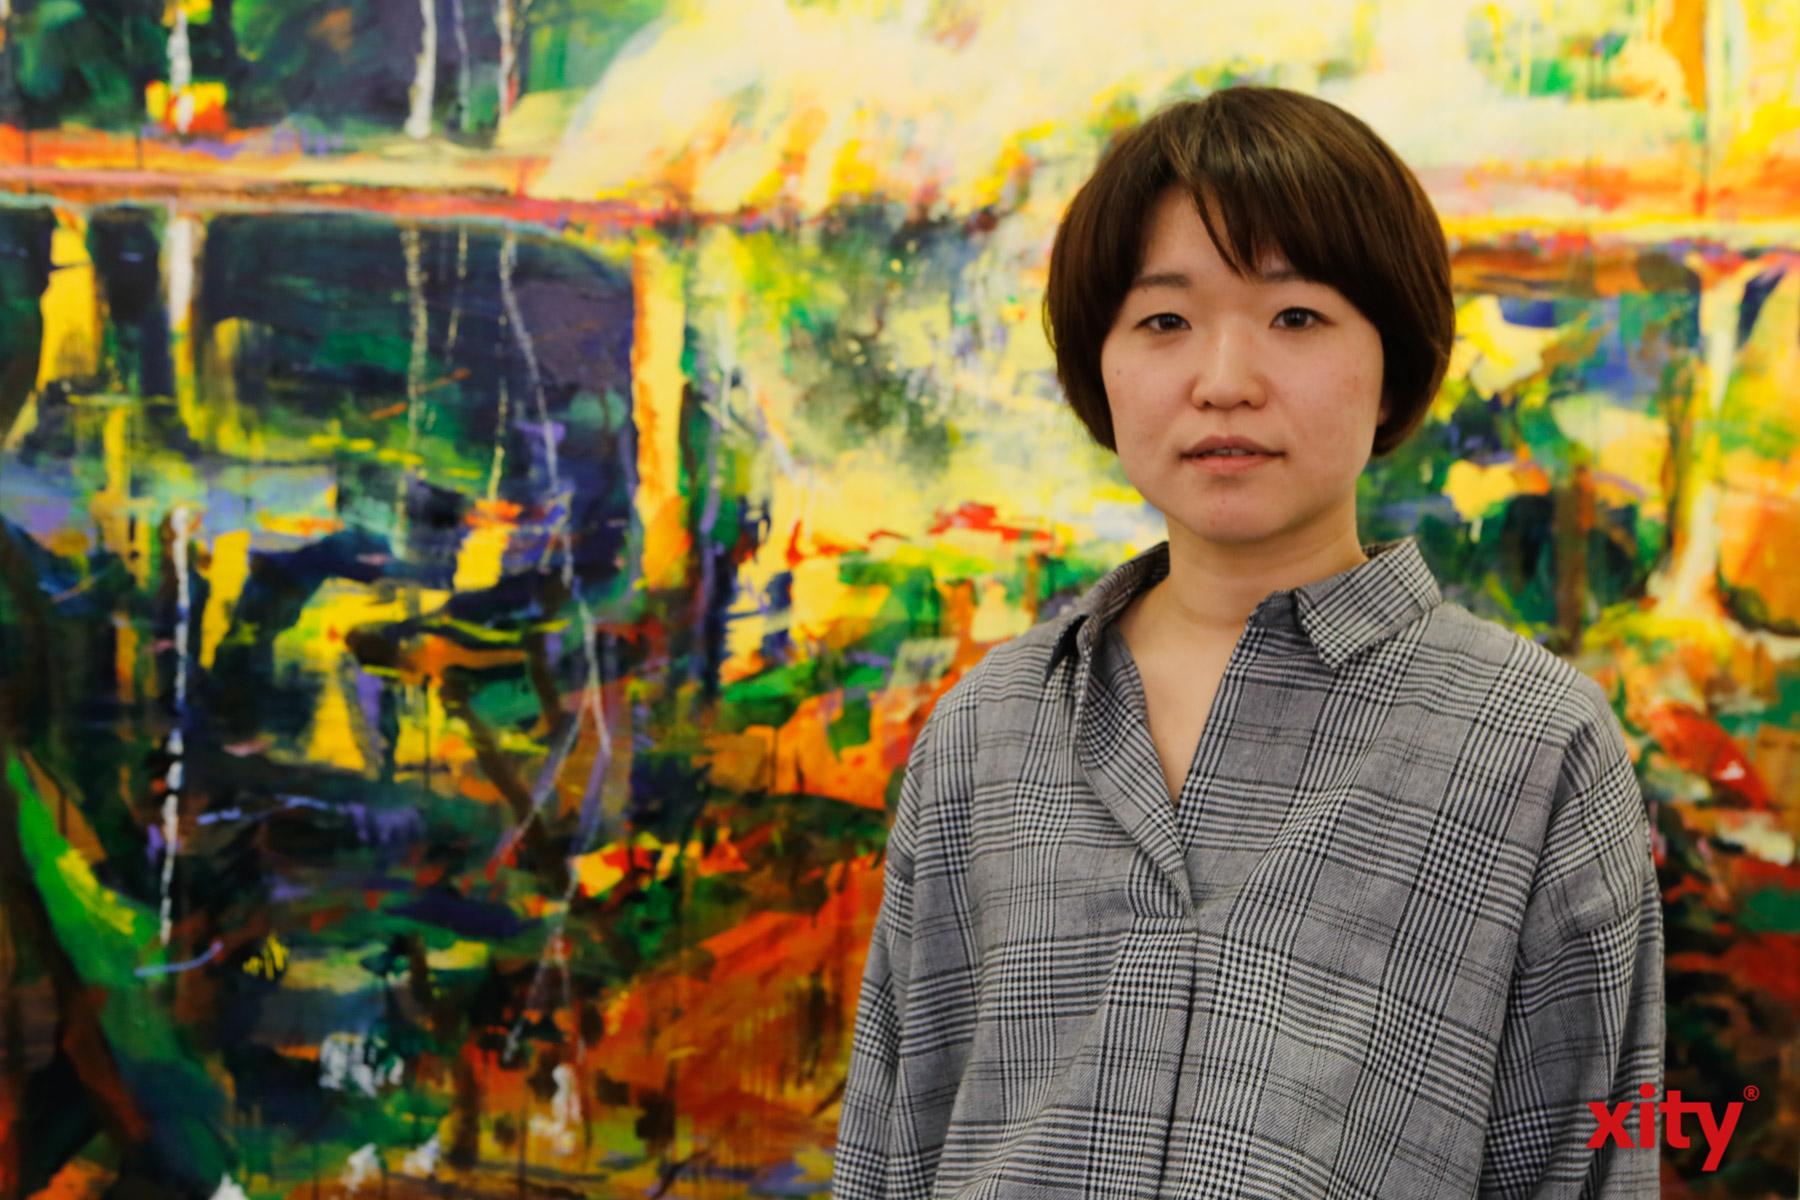 Die Künstlerin Mina Takagi arbeitet seit 2016 in ihrem eigenen Atelier in Lierenfeld (Foto: xity)